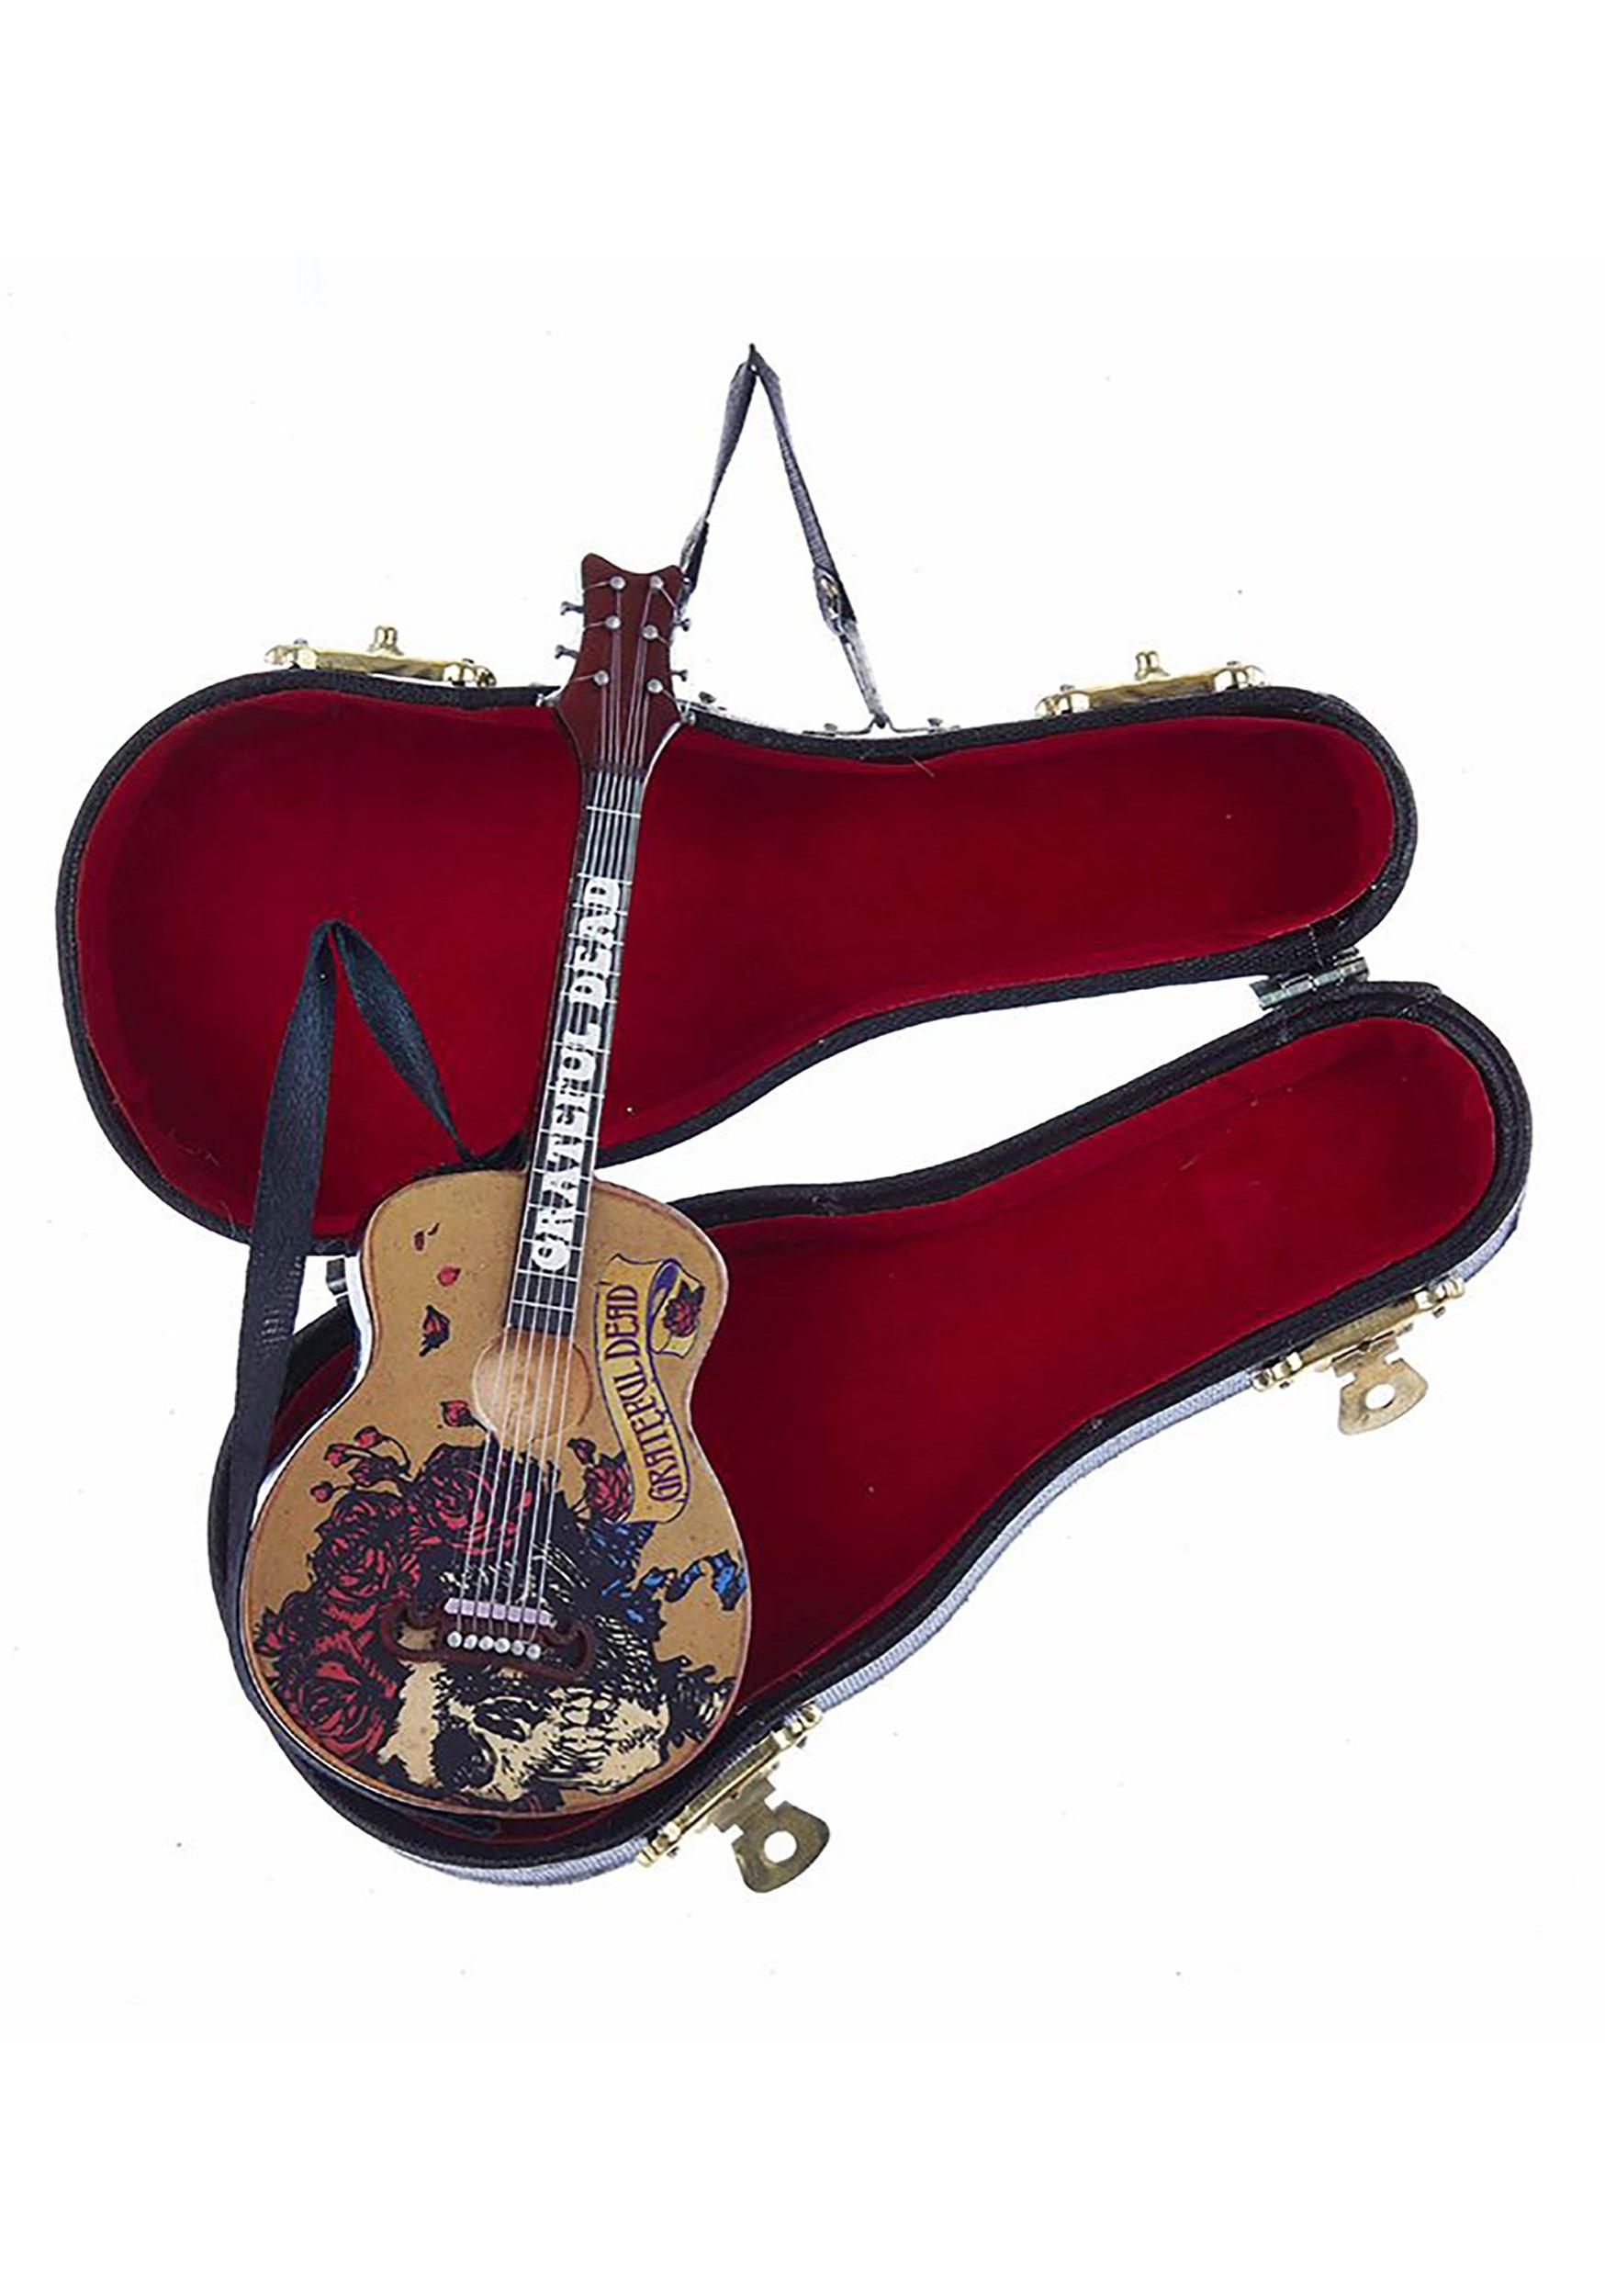 Grateful Dead Guitar in Case Ornament